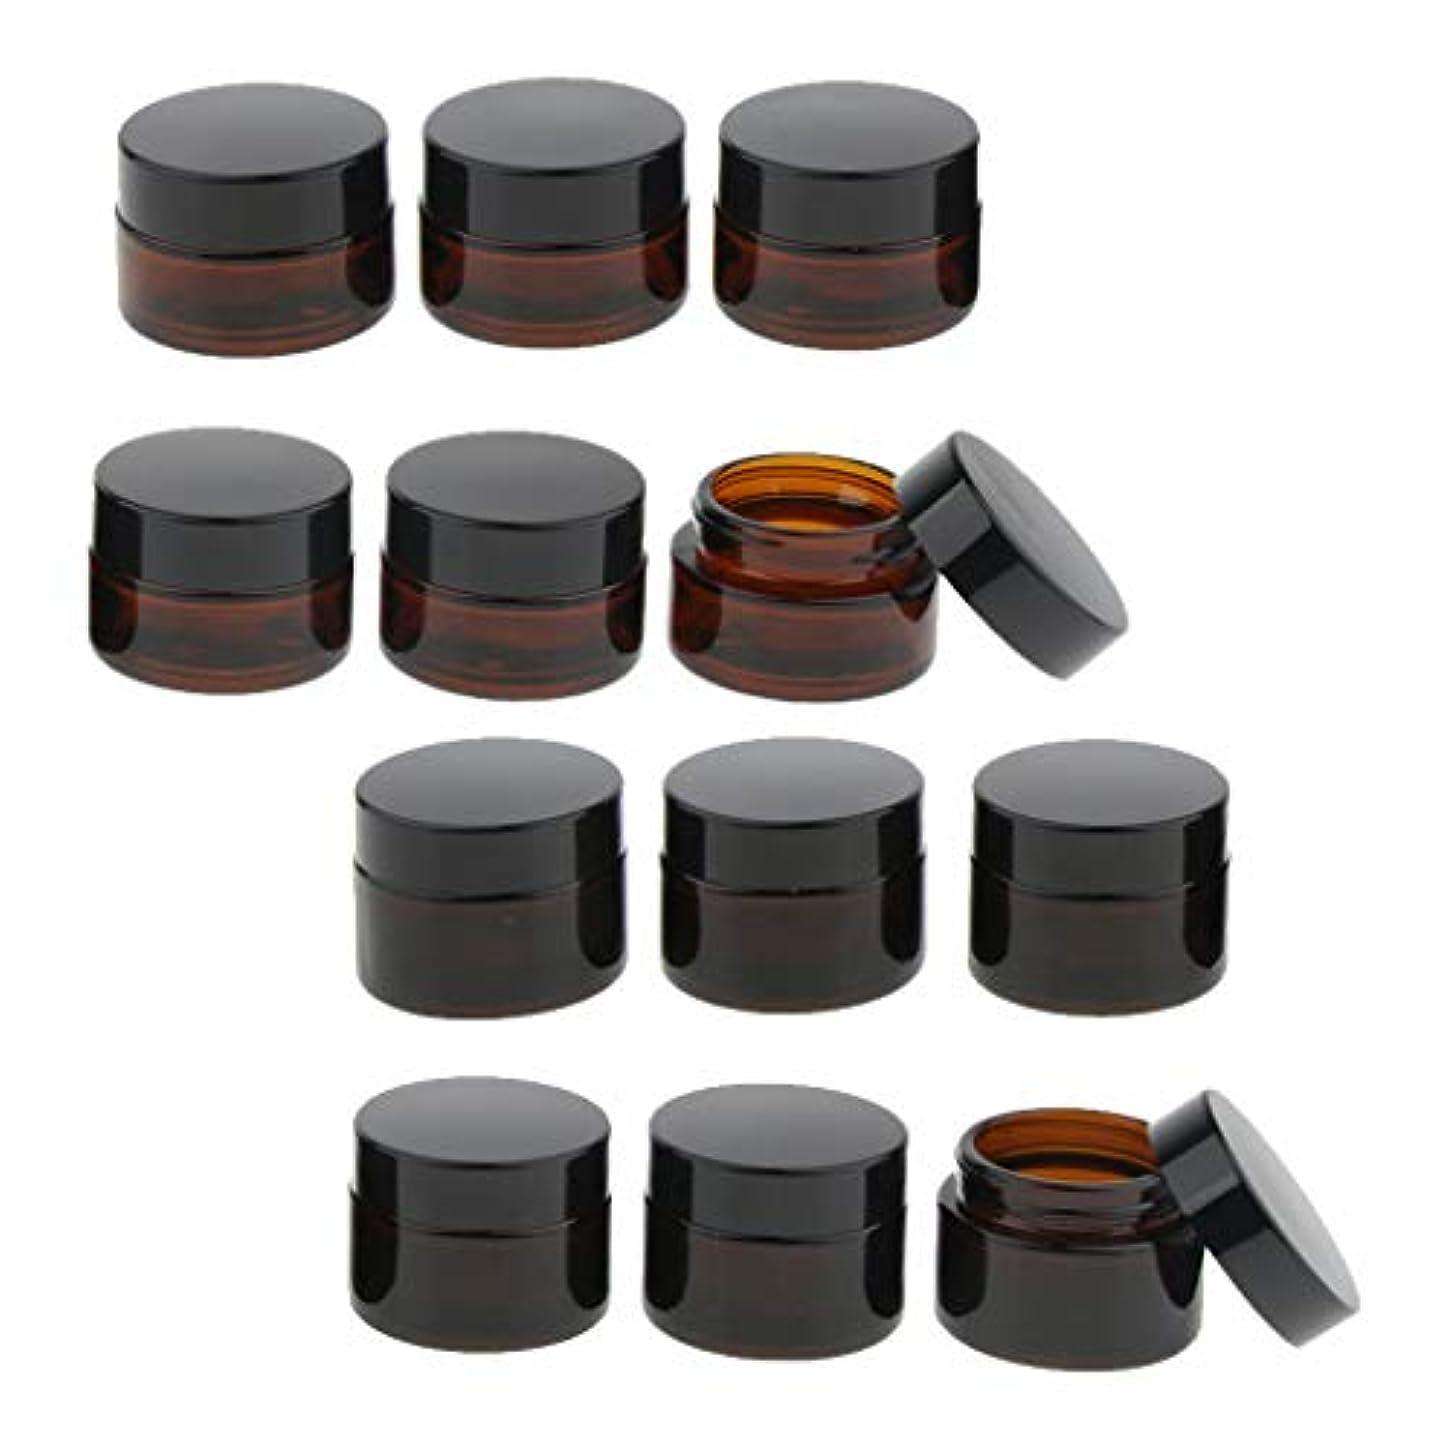 密輸変換膨らみD DOLITY 12個 メイクアップボトル ガラス瓶 コスメ 詰替え容器 15mlと20ml 旅行小物